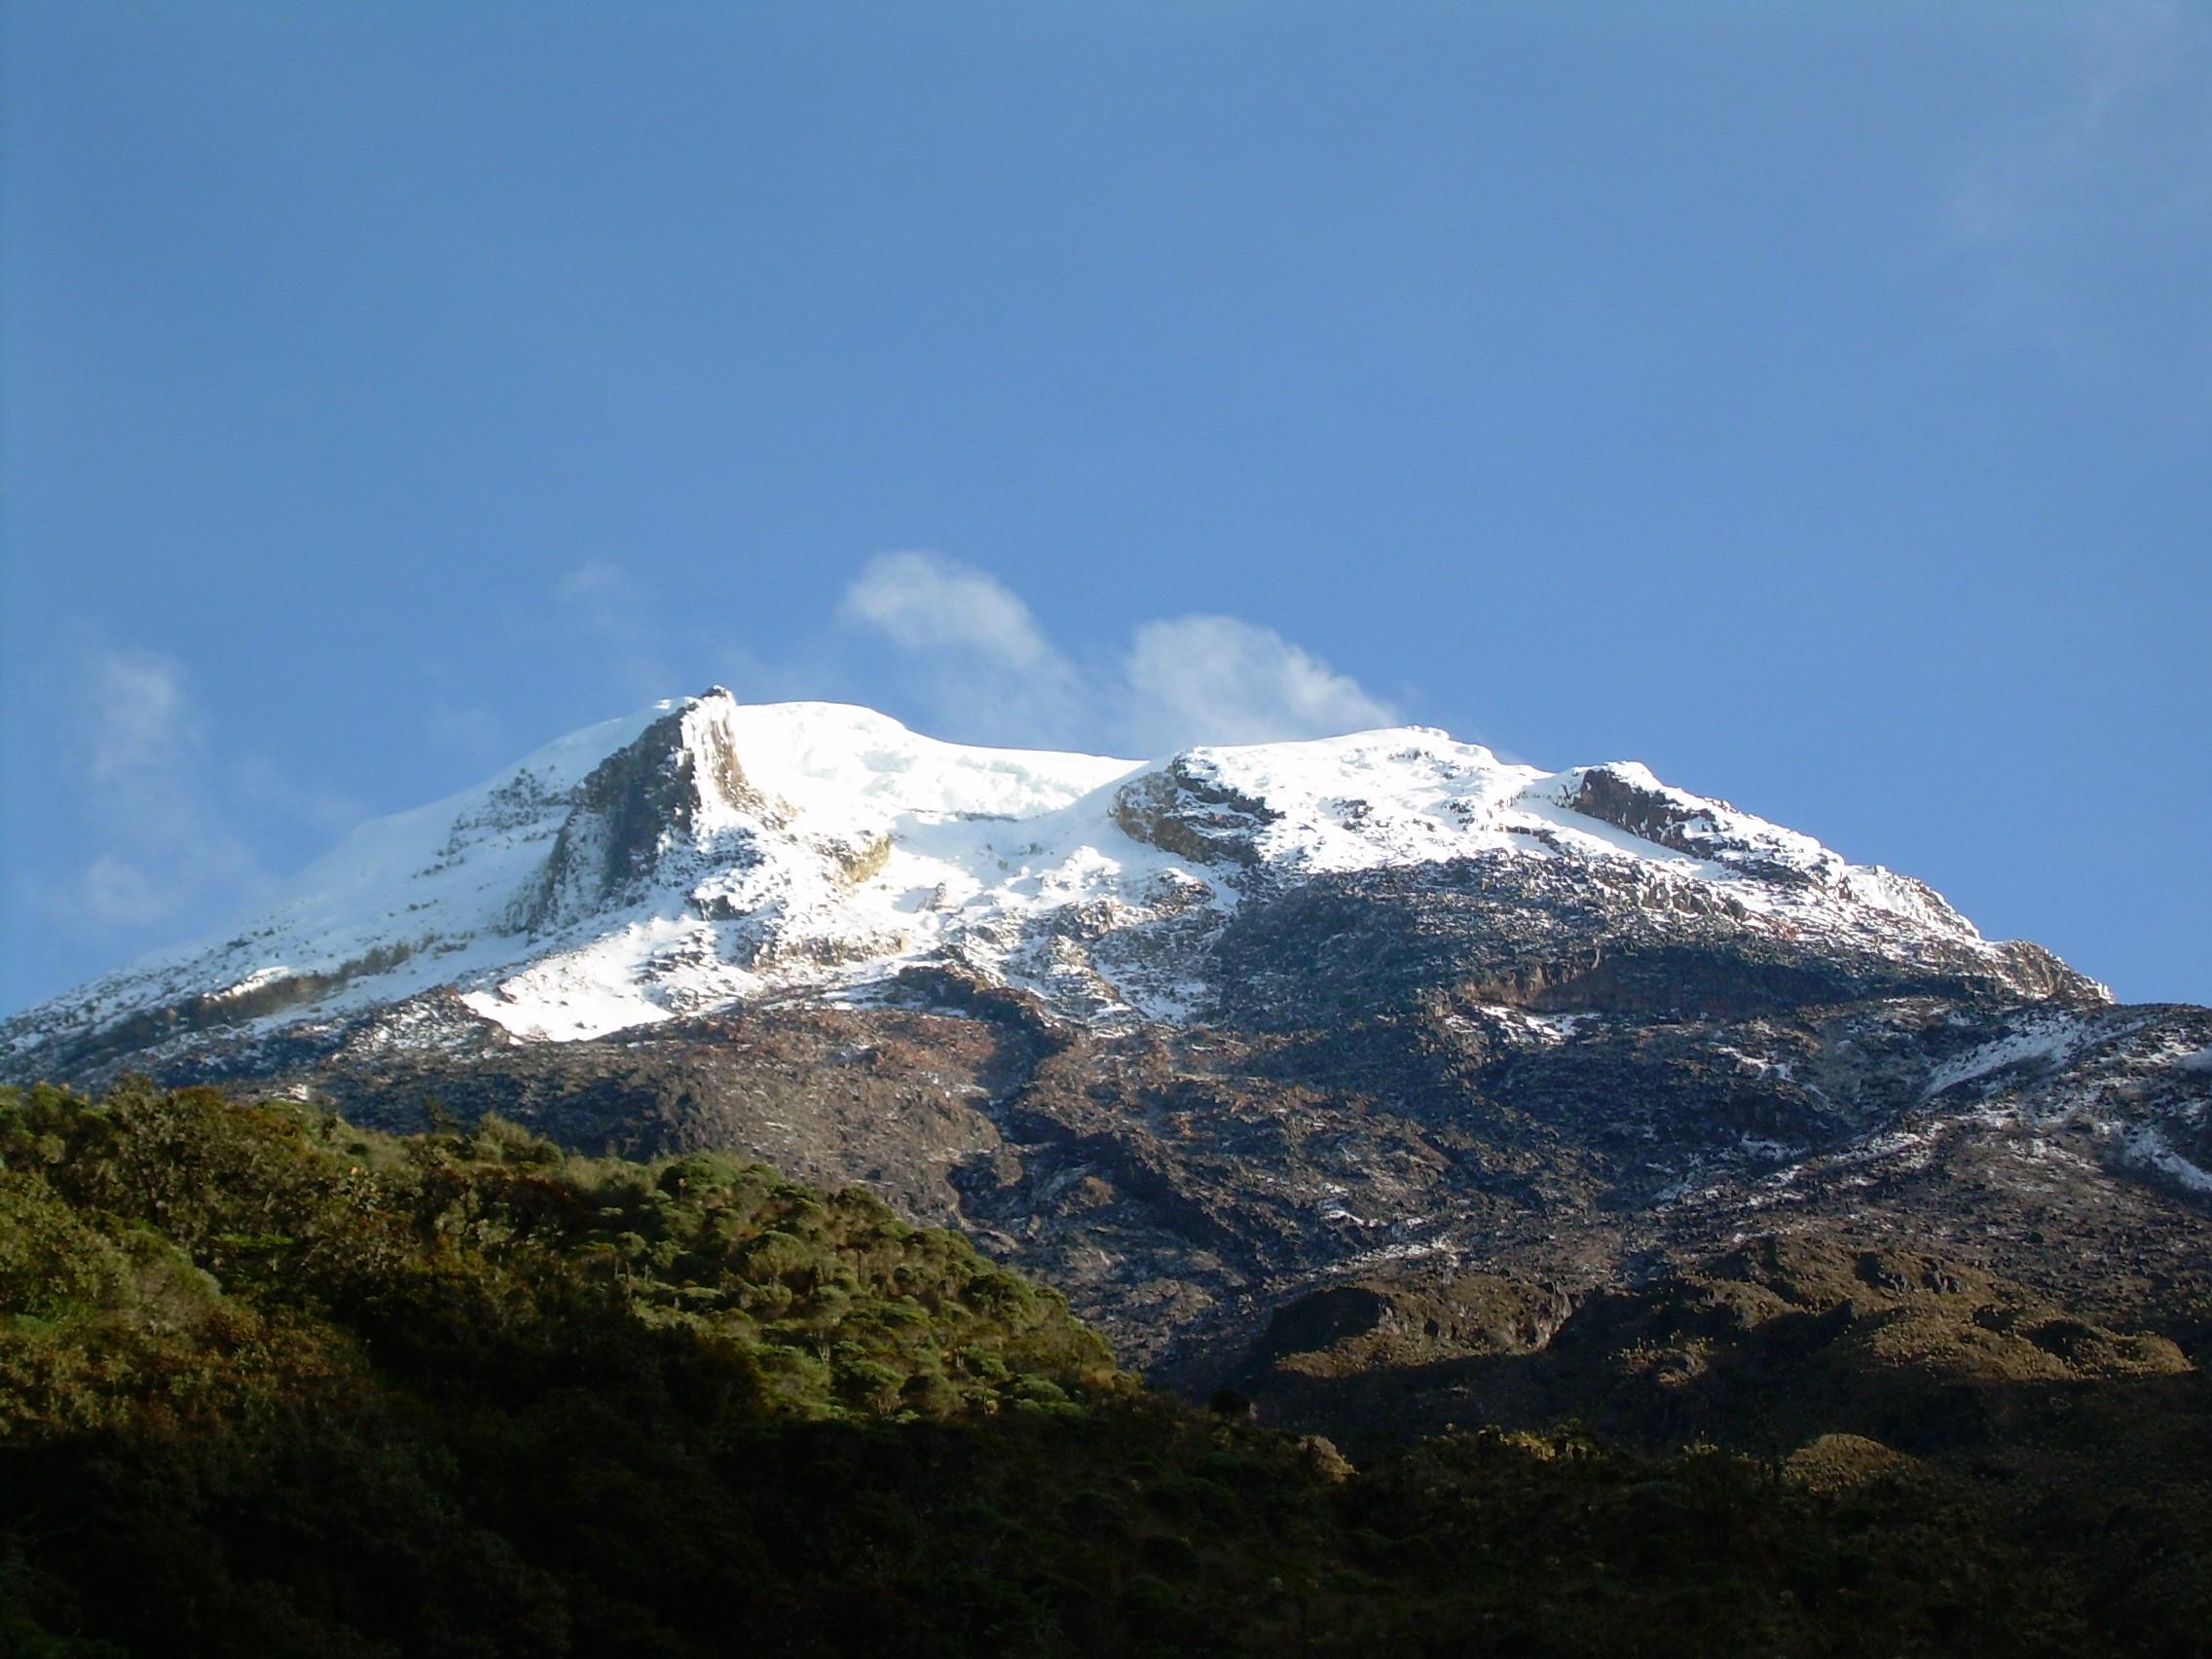 nevado-del-tolima-038